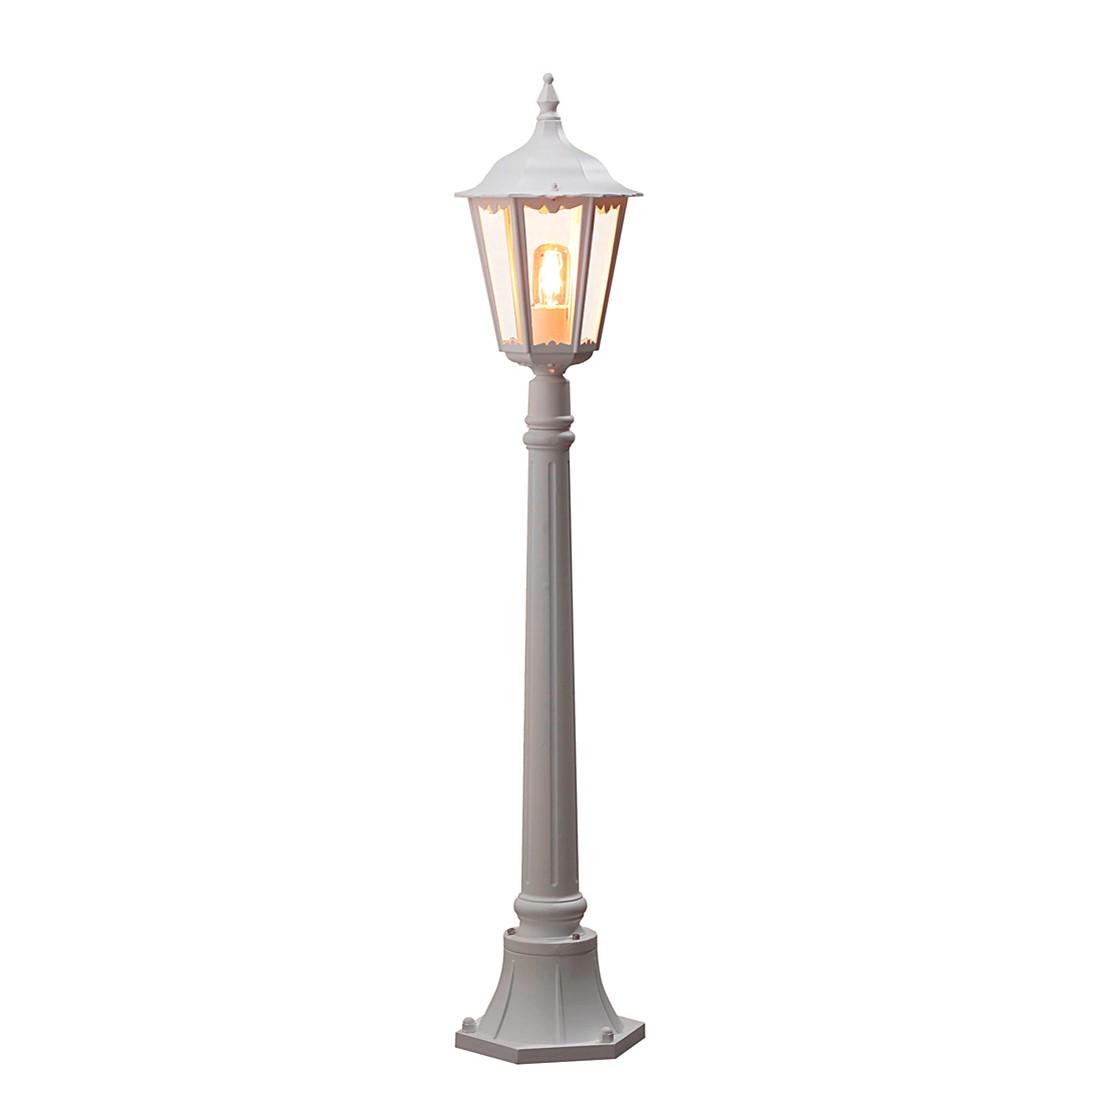 energie  A++, Grondverlichting Firenze Up - aluminium/glas 1 lichtbron, Konstsmide